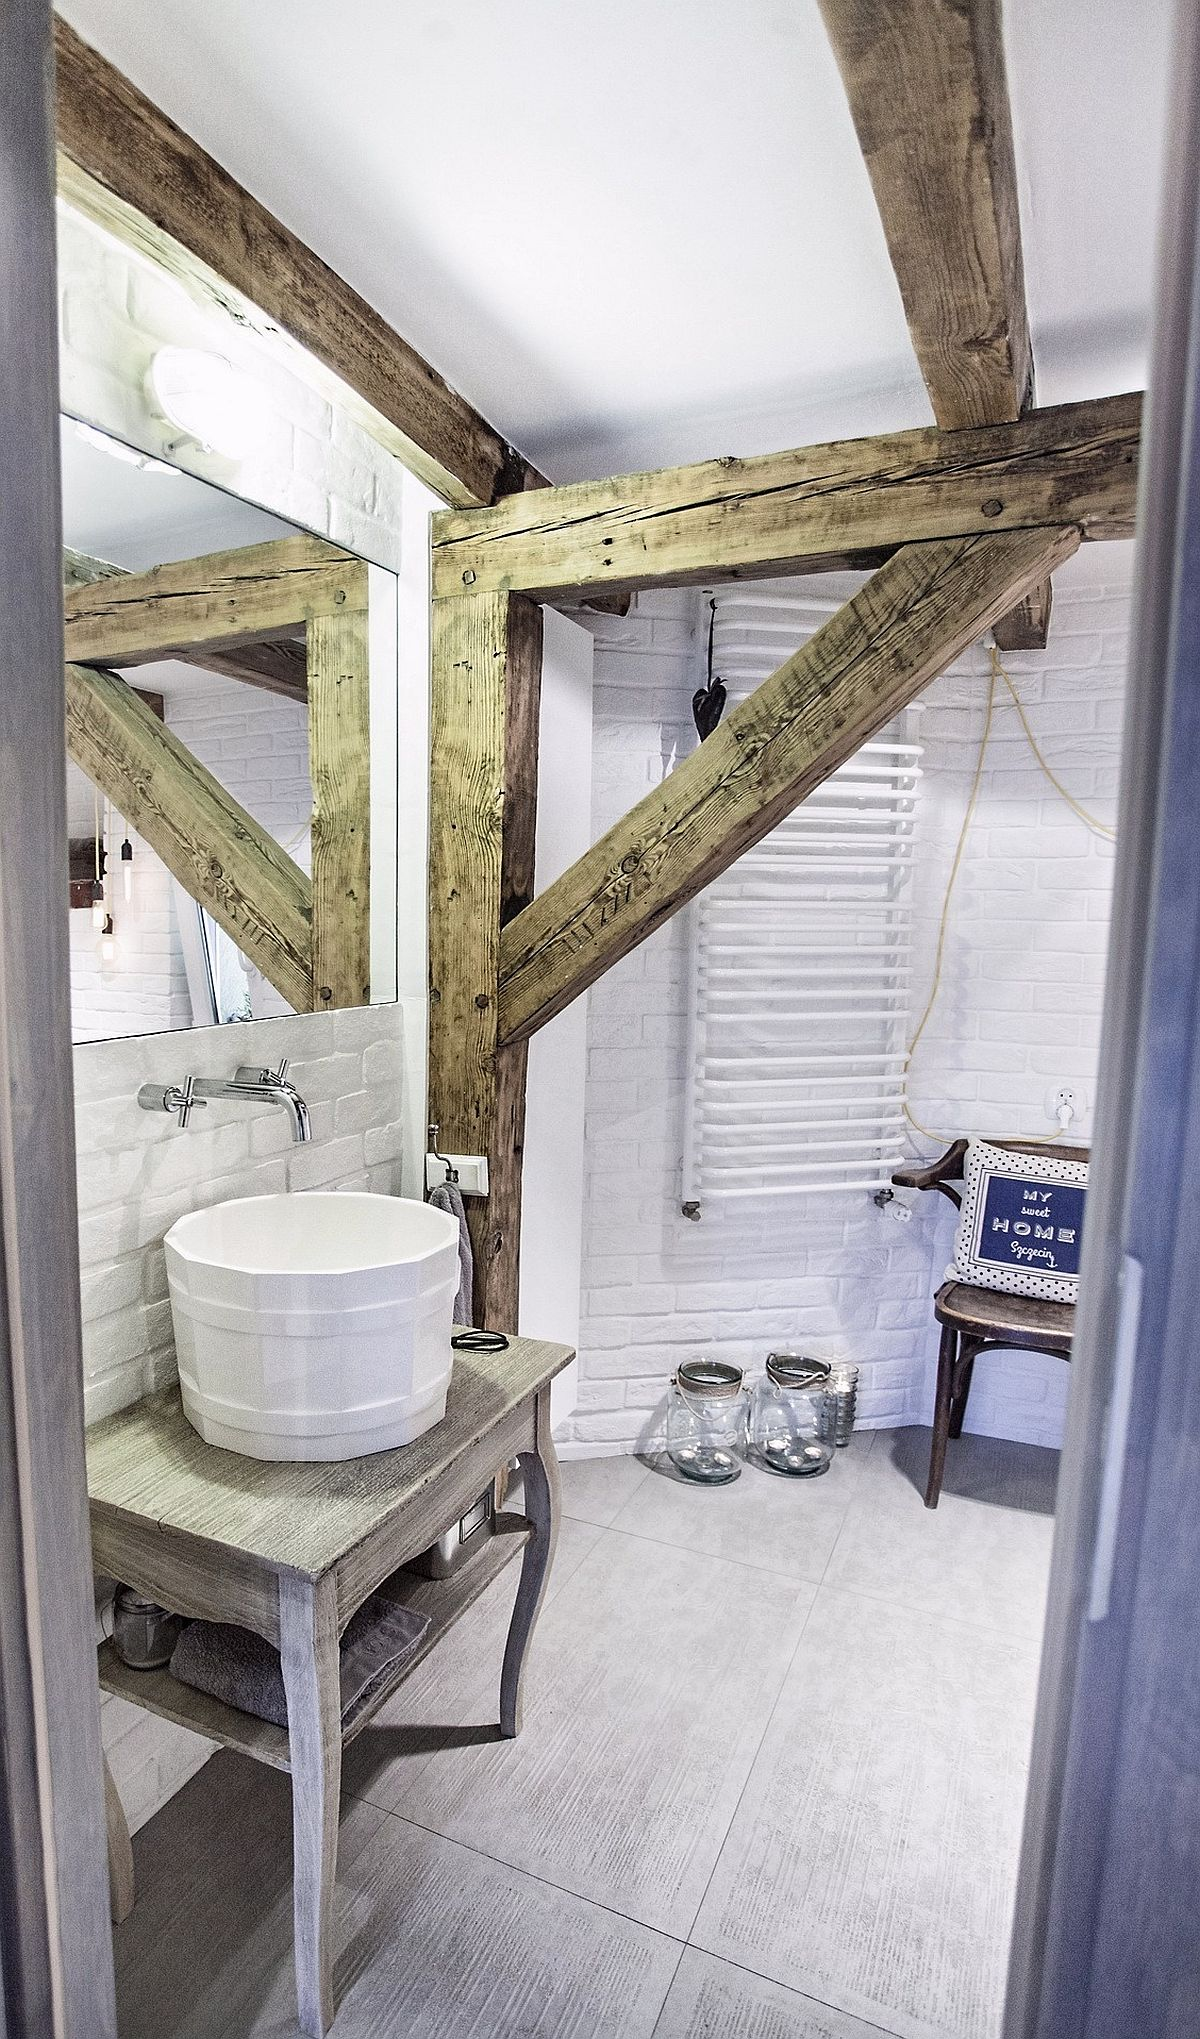 Camera de baie are o înălțime diferită din zonele cheie, dar arhitectul a avut grijă să prevadă locul de lavoar în partea cea mai înaltă, acolo unde nu există pericolul accidentărilor de genul să dai cu capul de grindă.